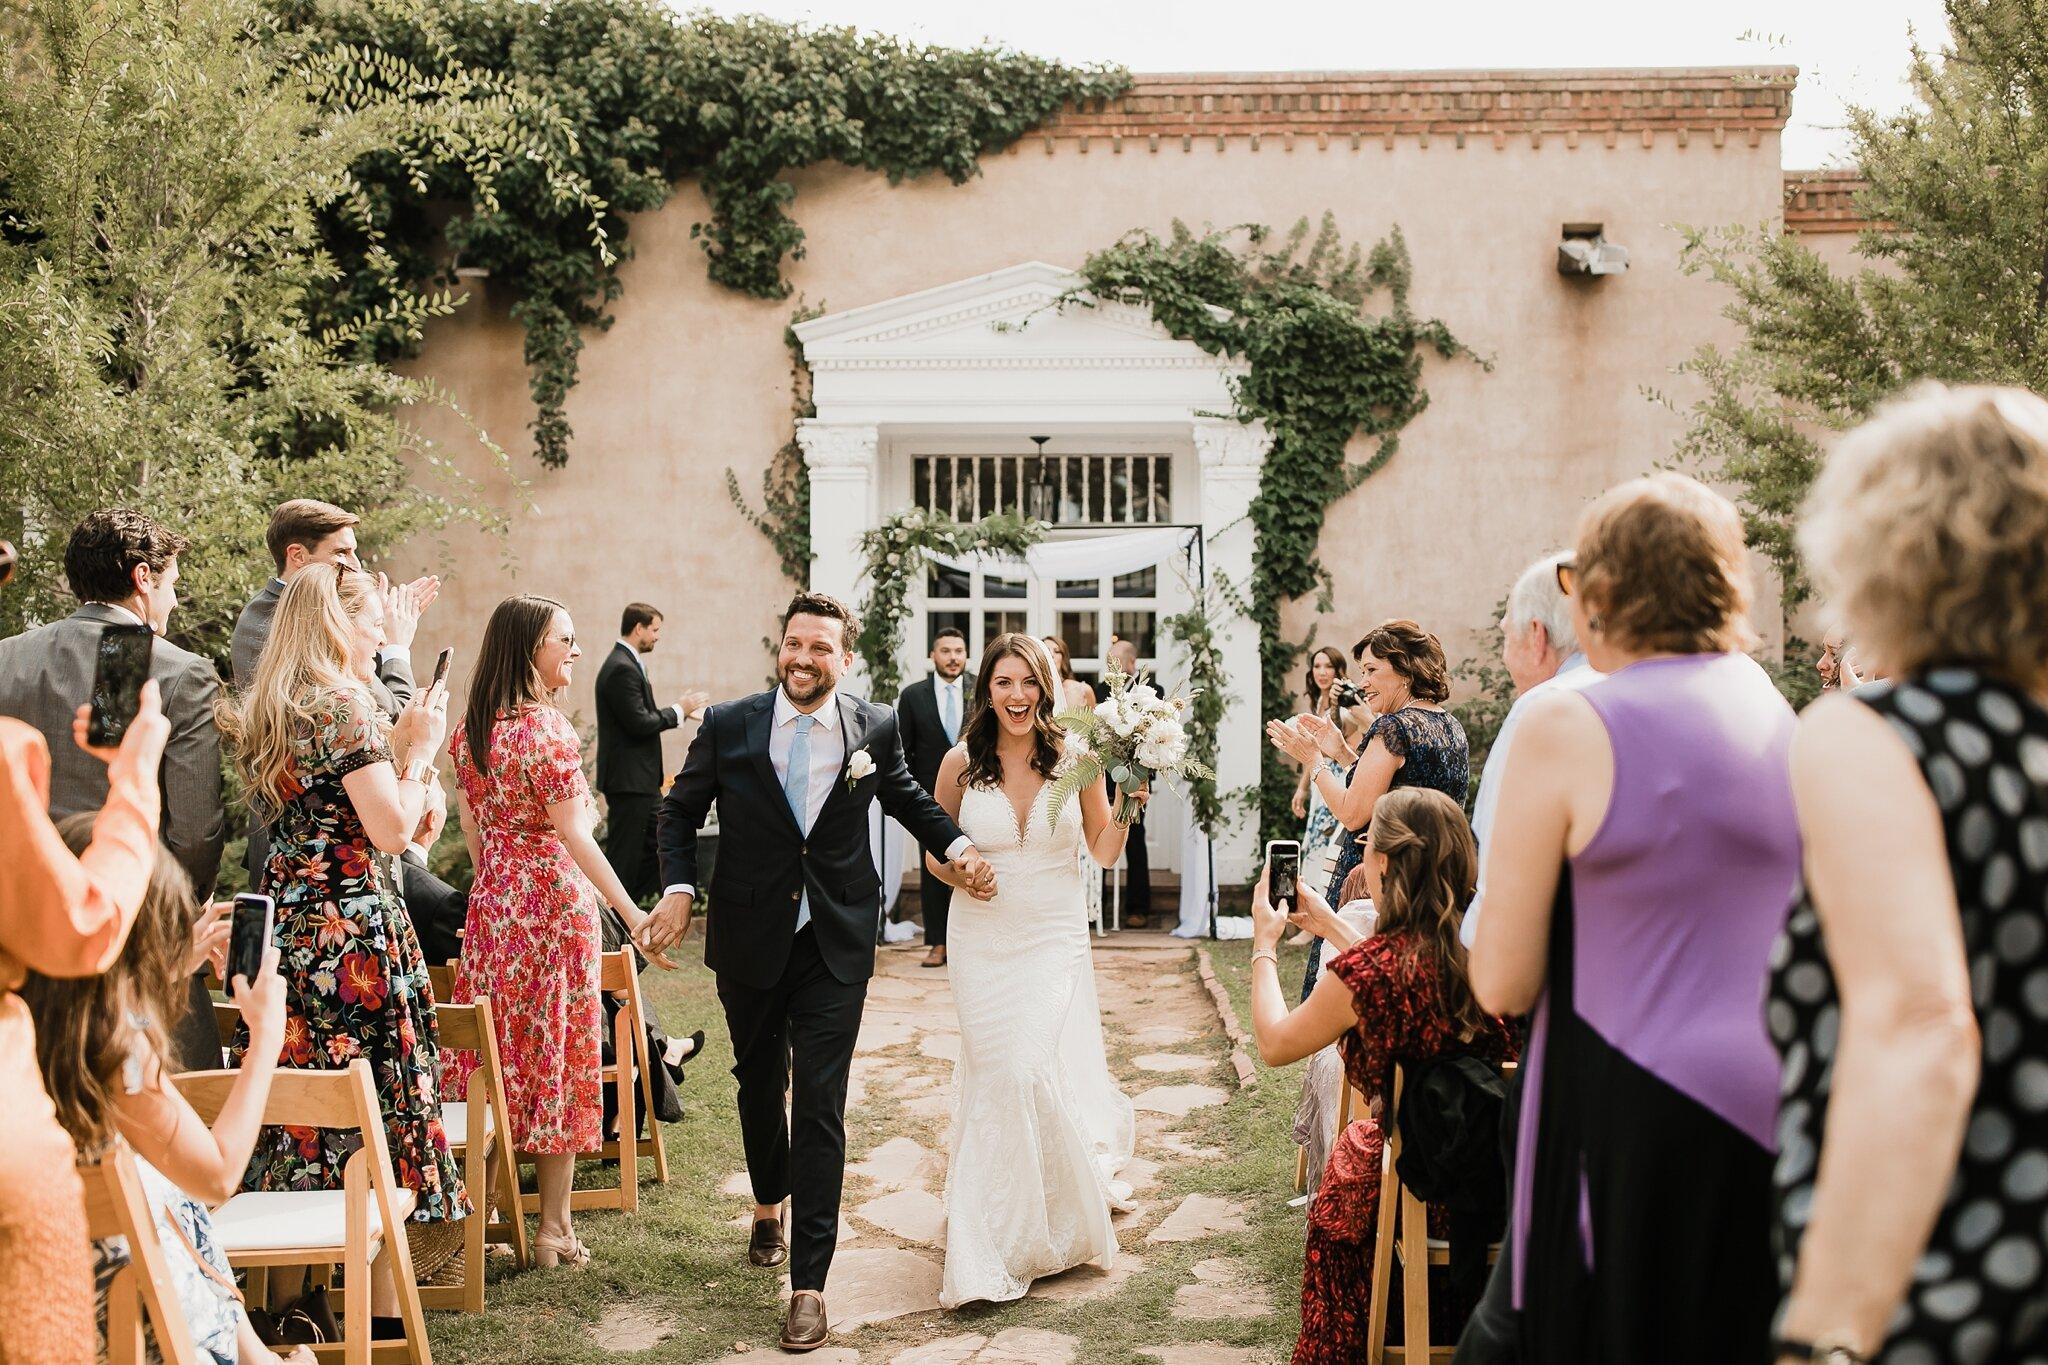 Alicia+lucia+photography+-+albuquerque+wedding+photographer+-+santa+fe+wedding+photography+-+new+mexico+wedding+photographer+-+new+mexico+wedding+-+wedding+-+albuquerque+wedding+-+los+poblanos+-+los+poblanos+wedding+-+fall+wedding_0067.jpg